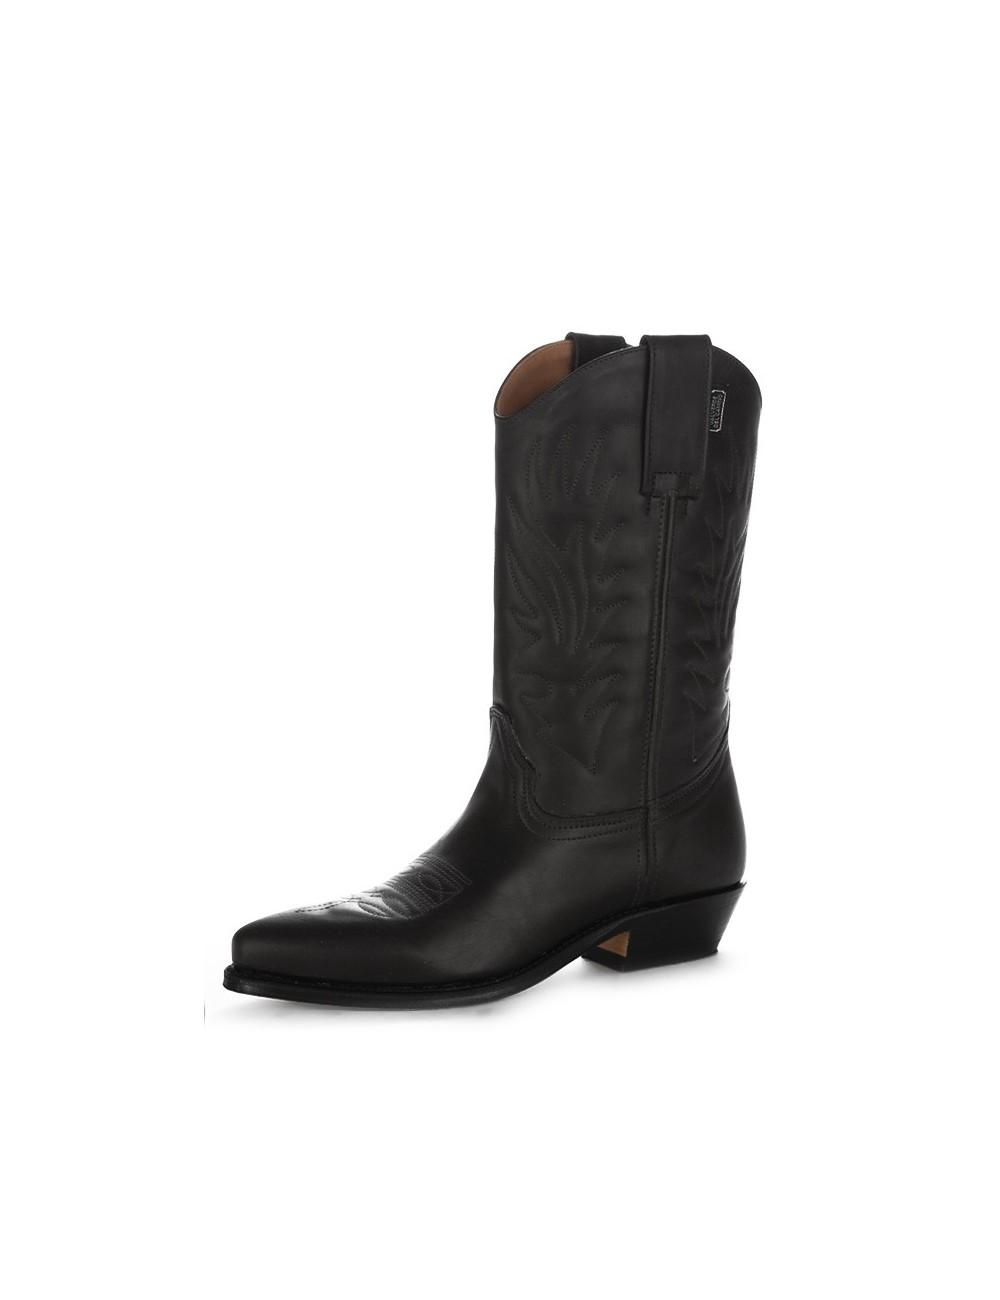 Santiags cuir noir classiques - Bottes santiag et country artisanales